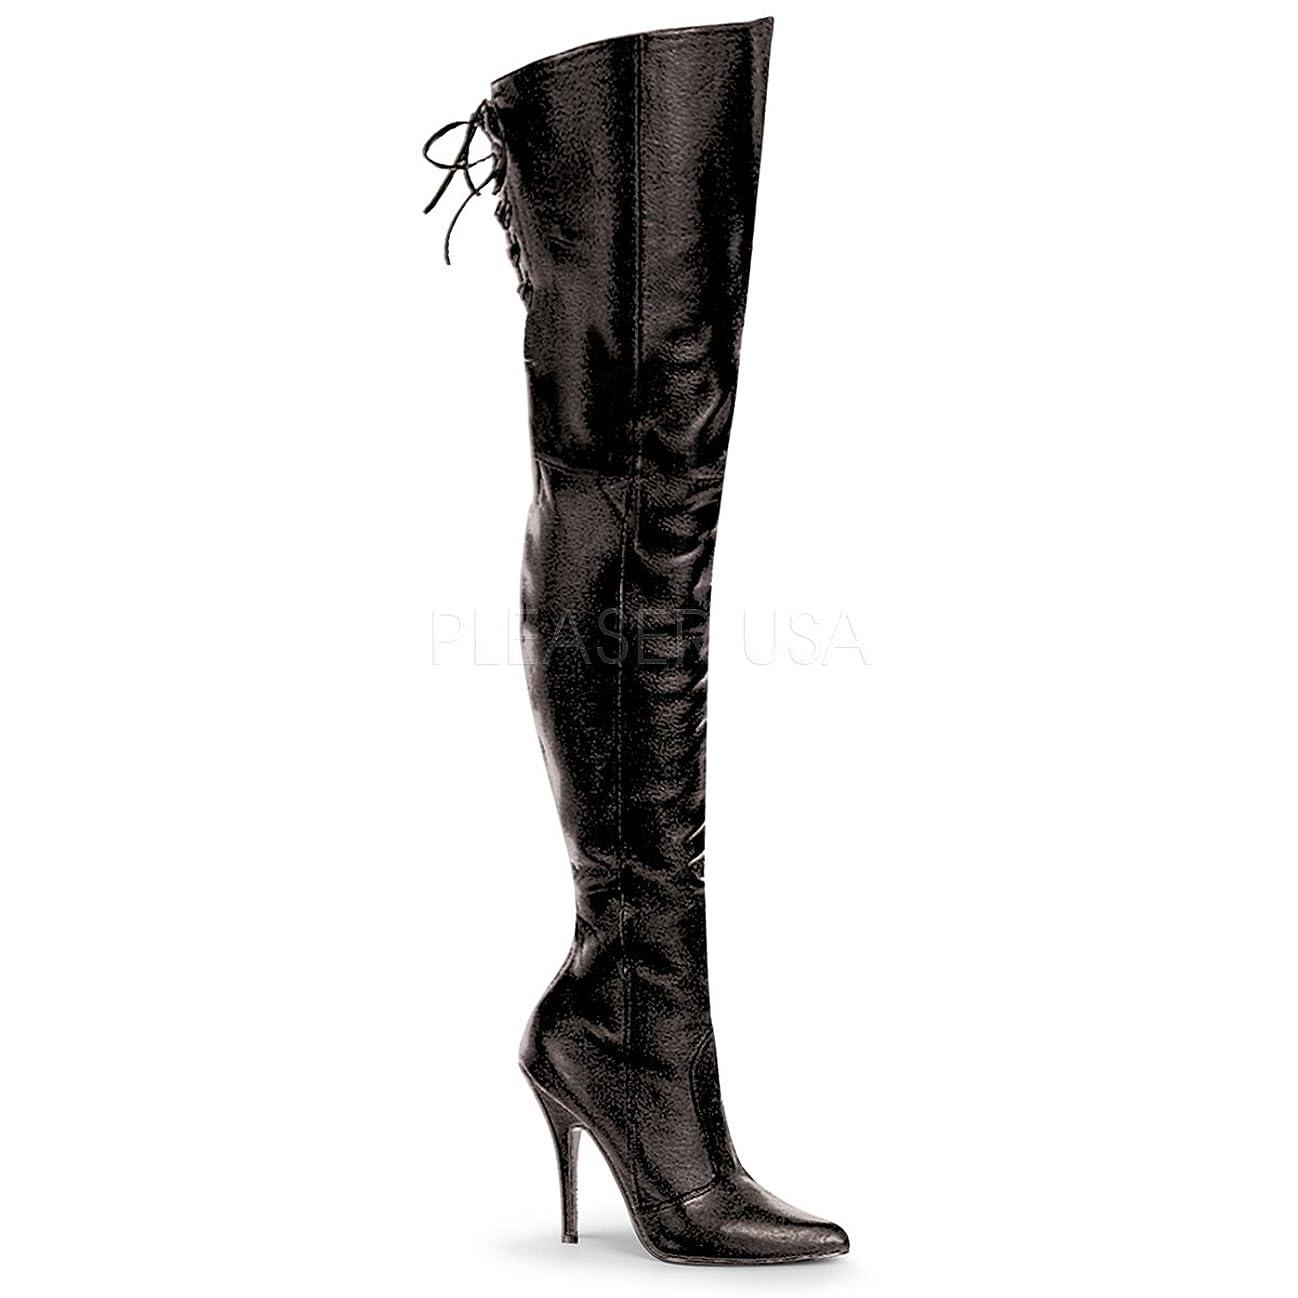 転倒哀れな増強Pleaser LEGEND-8899 Blk Leather (P) UK 5 (EU 38)[並行輸入品]